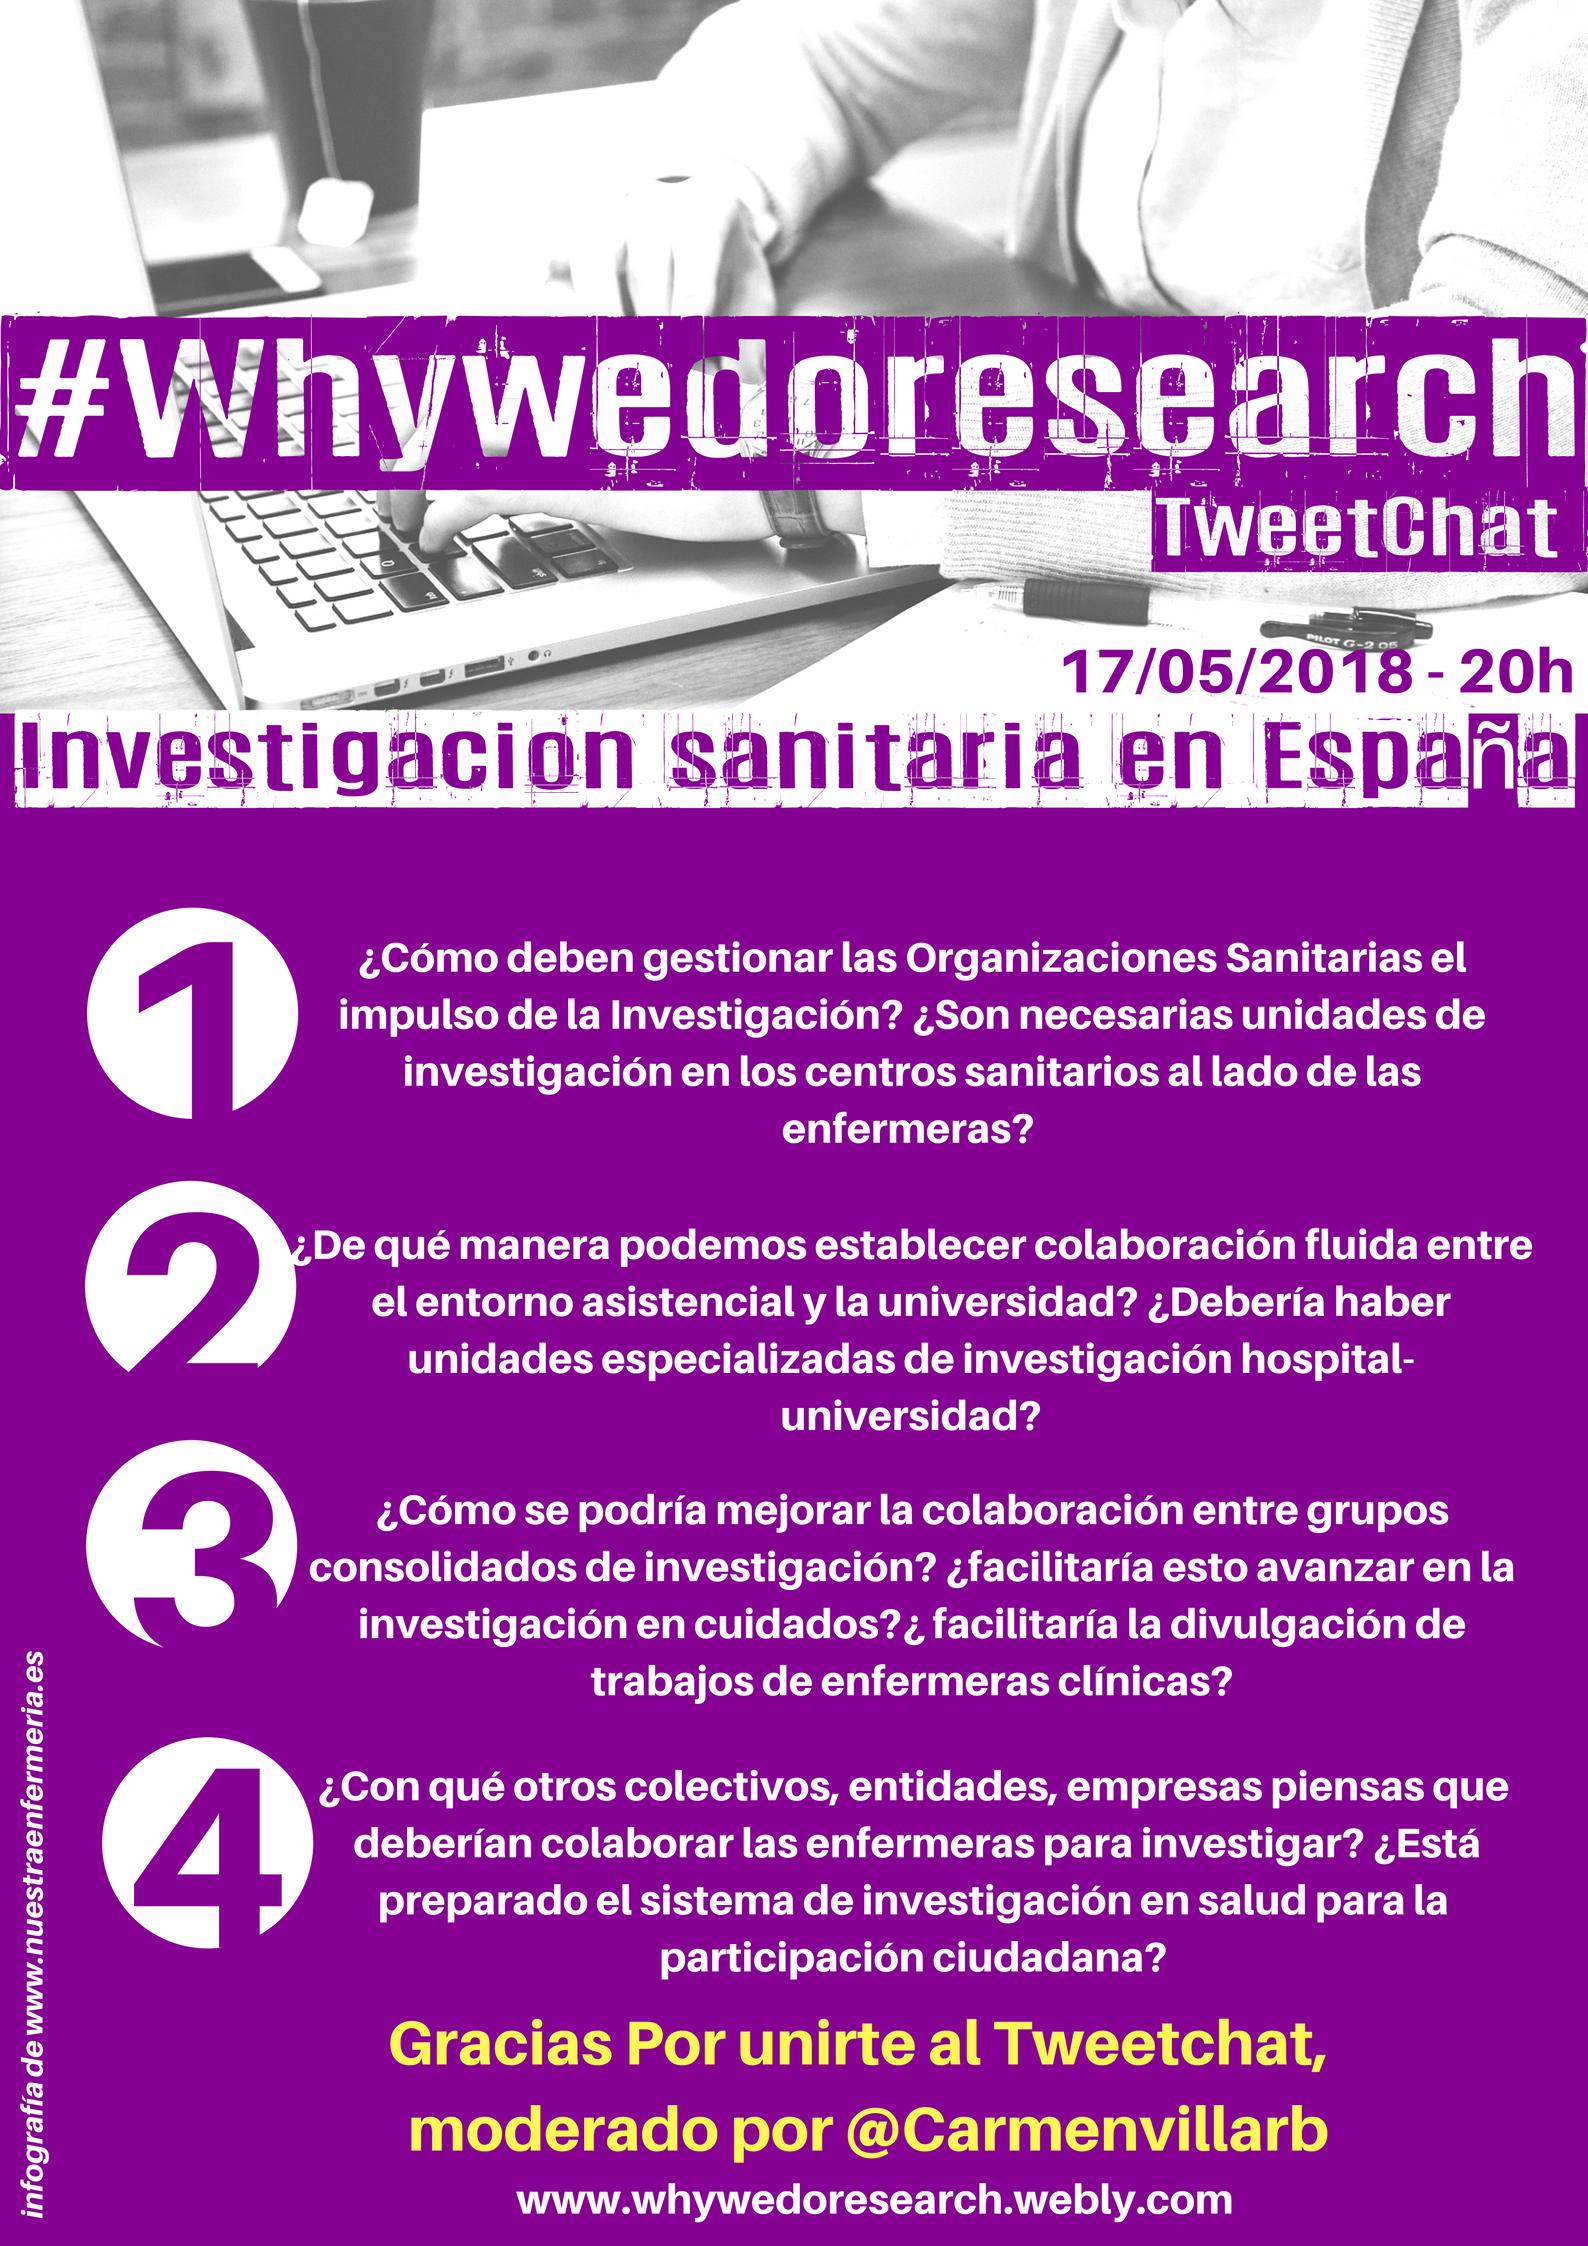 #whywedoresearch de 2018 moderado por @carmenvillarb